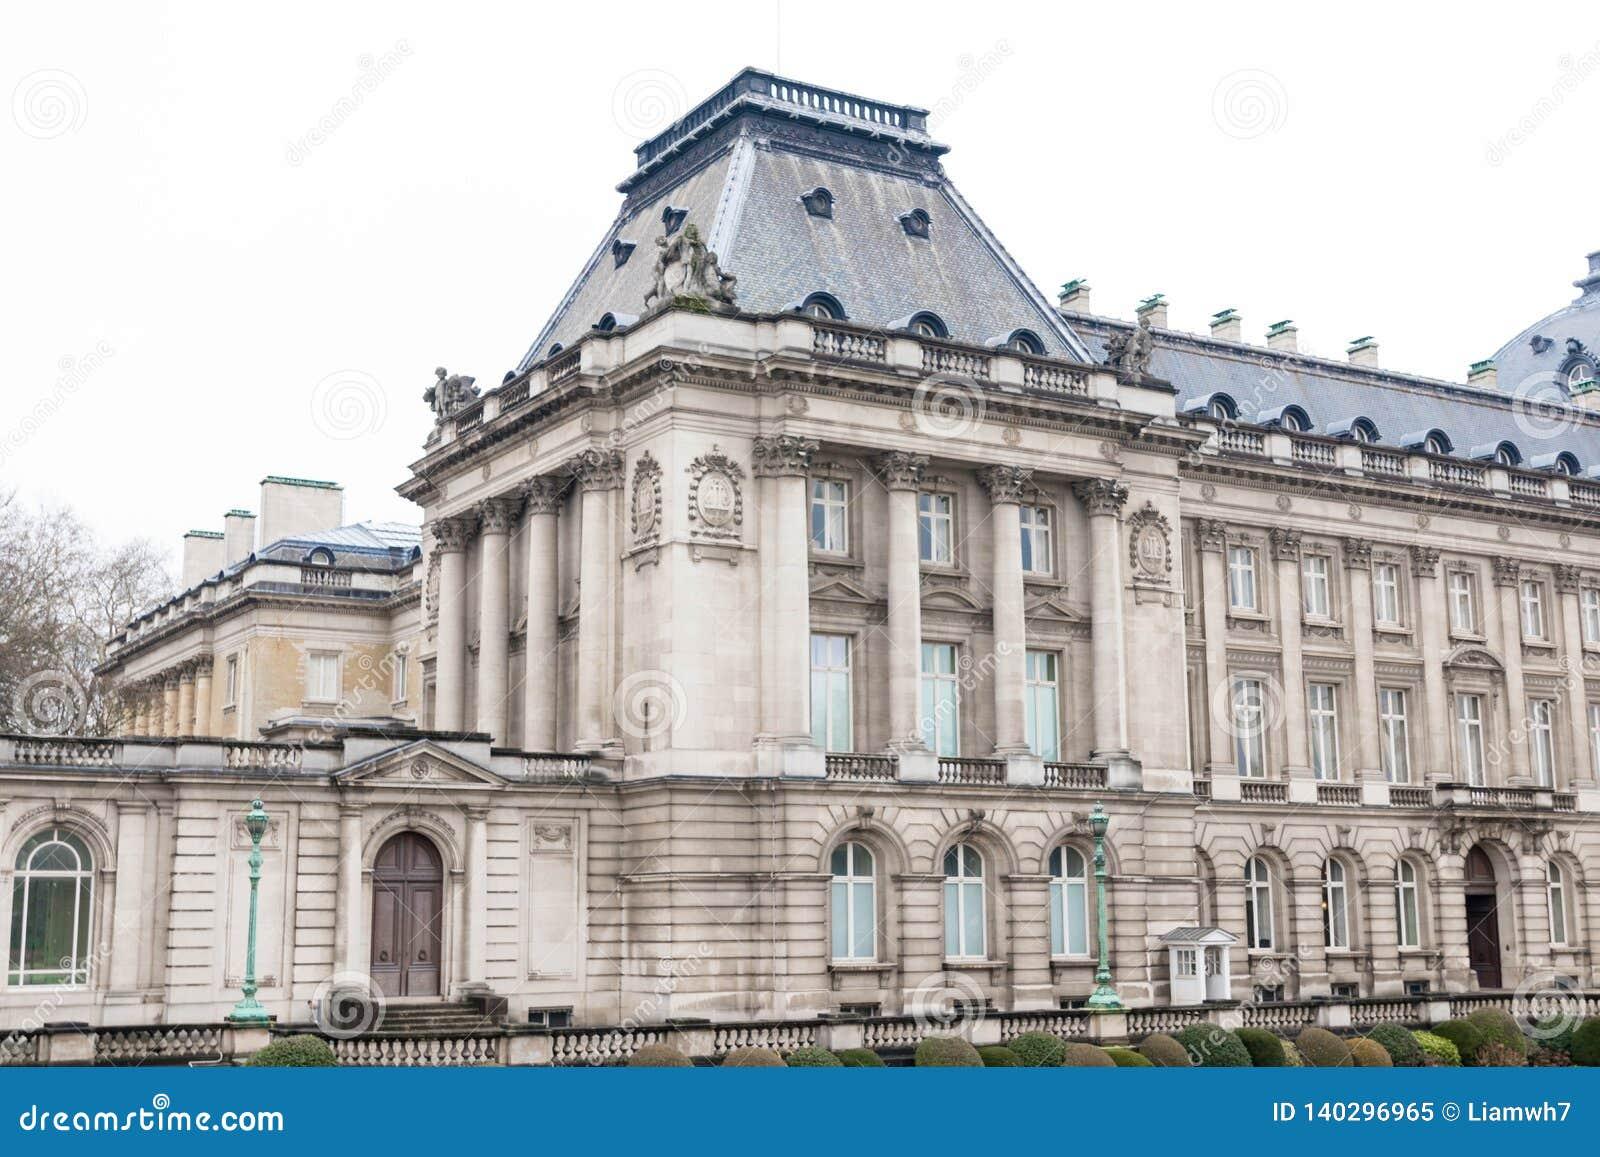 E 02 19: Koninklijk paleis in Brussel op een regenachtige dag